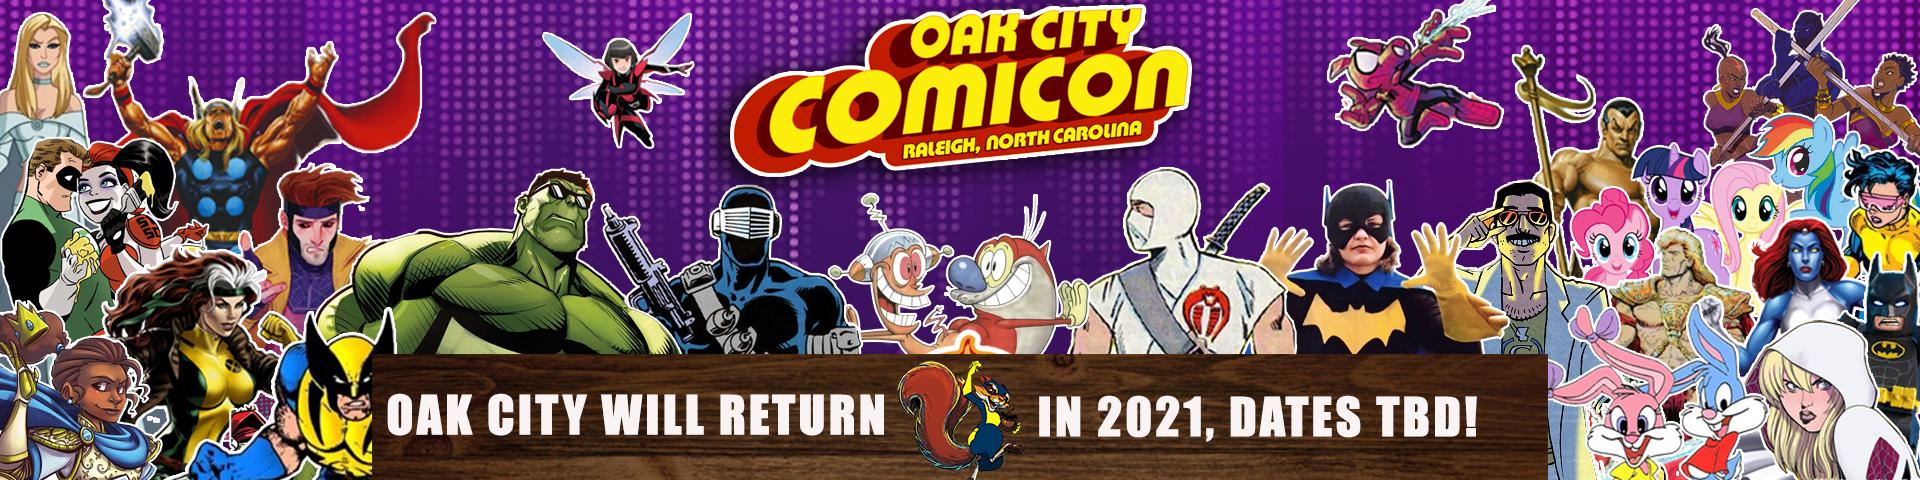 OAK CITY COMICON